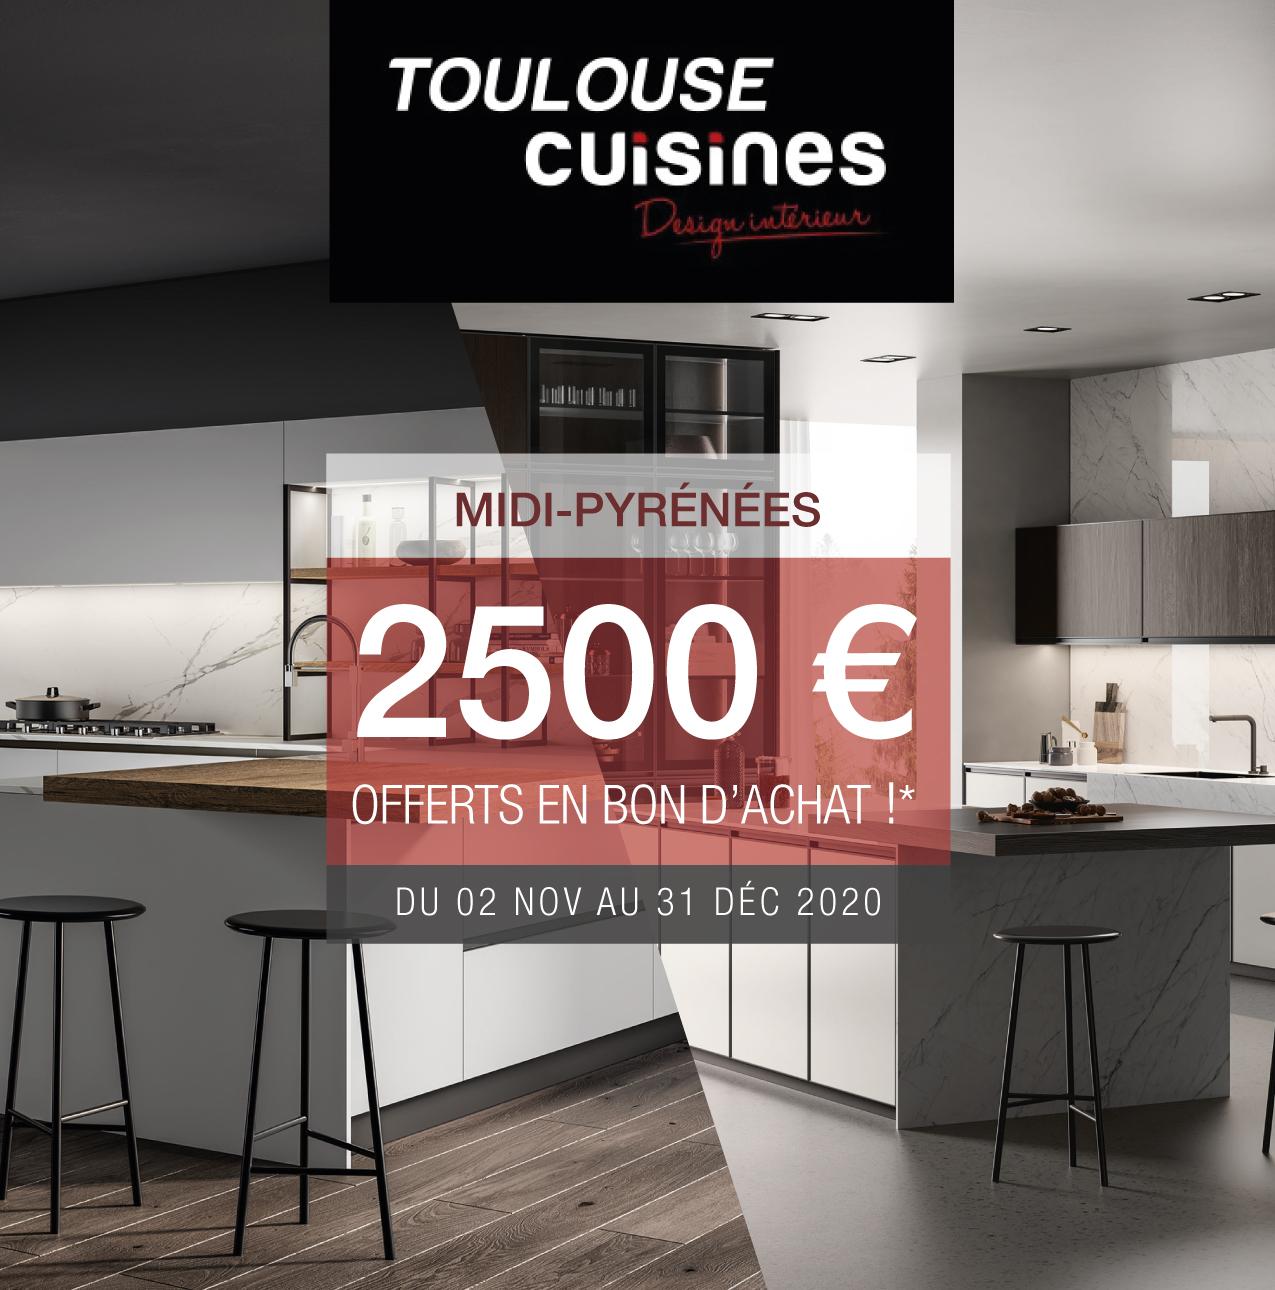 2500 € offerts en bon d'achat sur votre cuisine